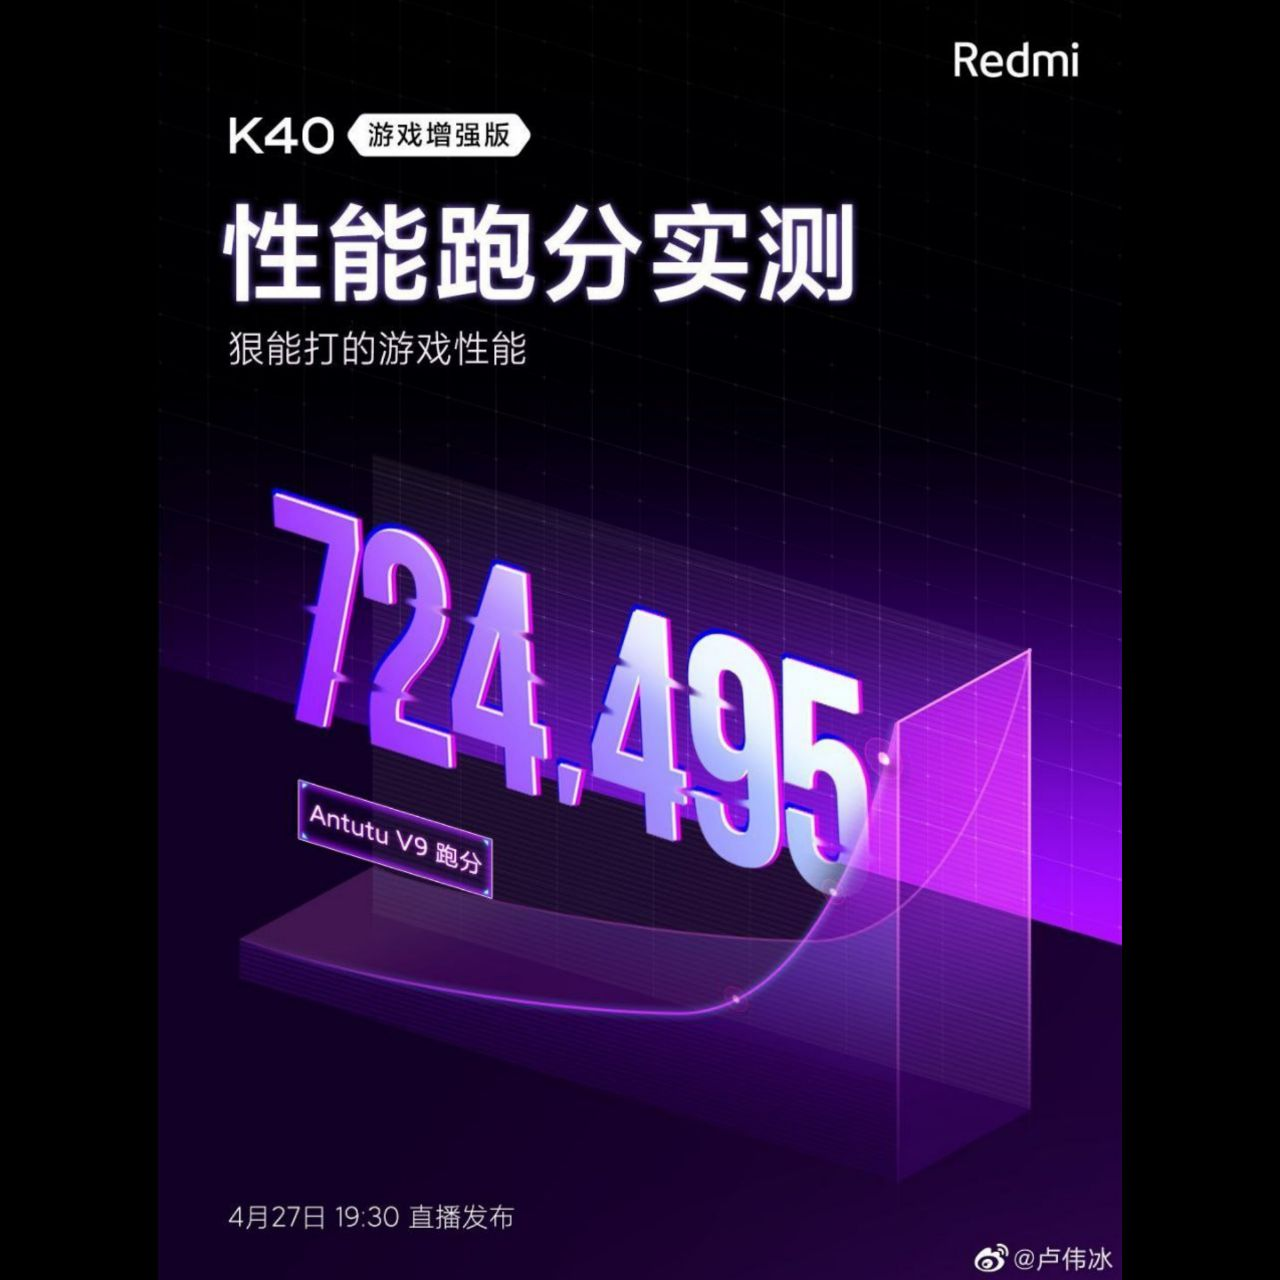 امتیاز AnTuTu گوشی Redmi K40 Game Enhanced Edition